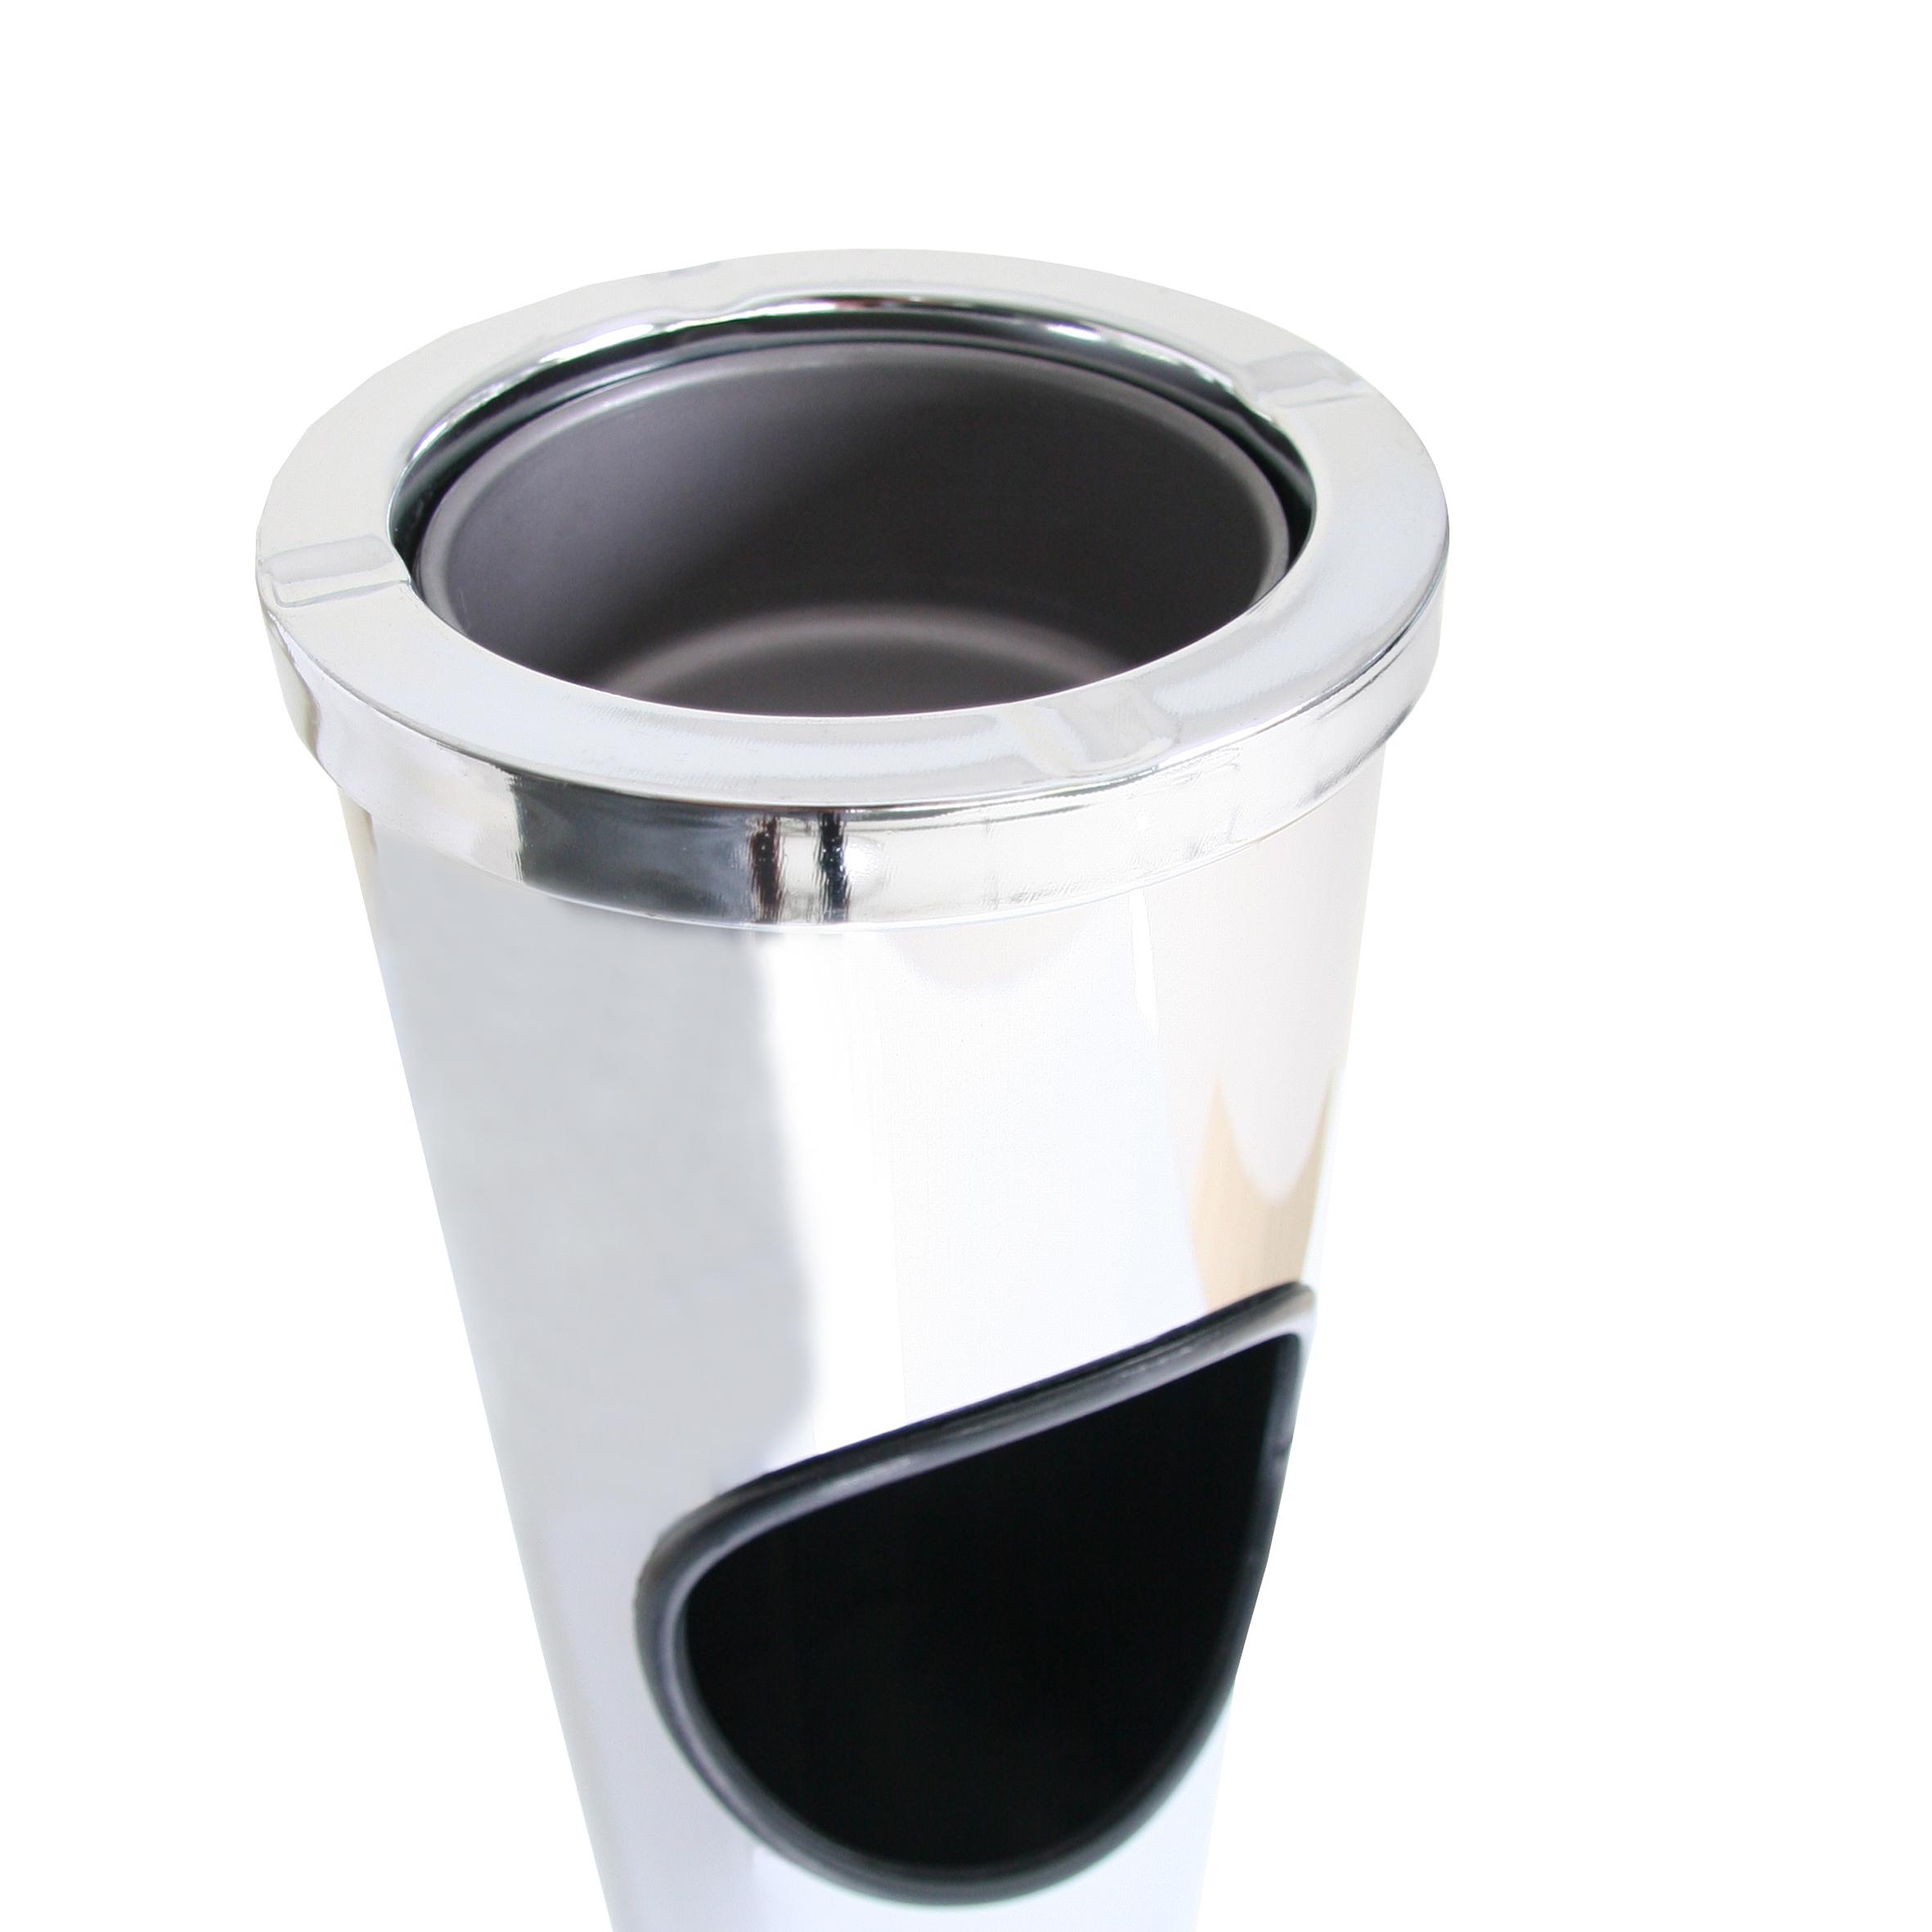 standabfallbeh lter mit aschenbecher edelstahl standascher. Black Bedroom Furniture Sets. Home Design Ideas